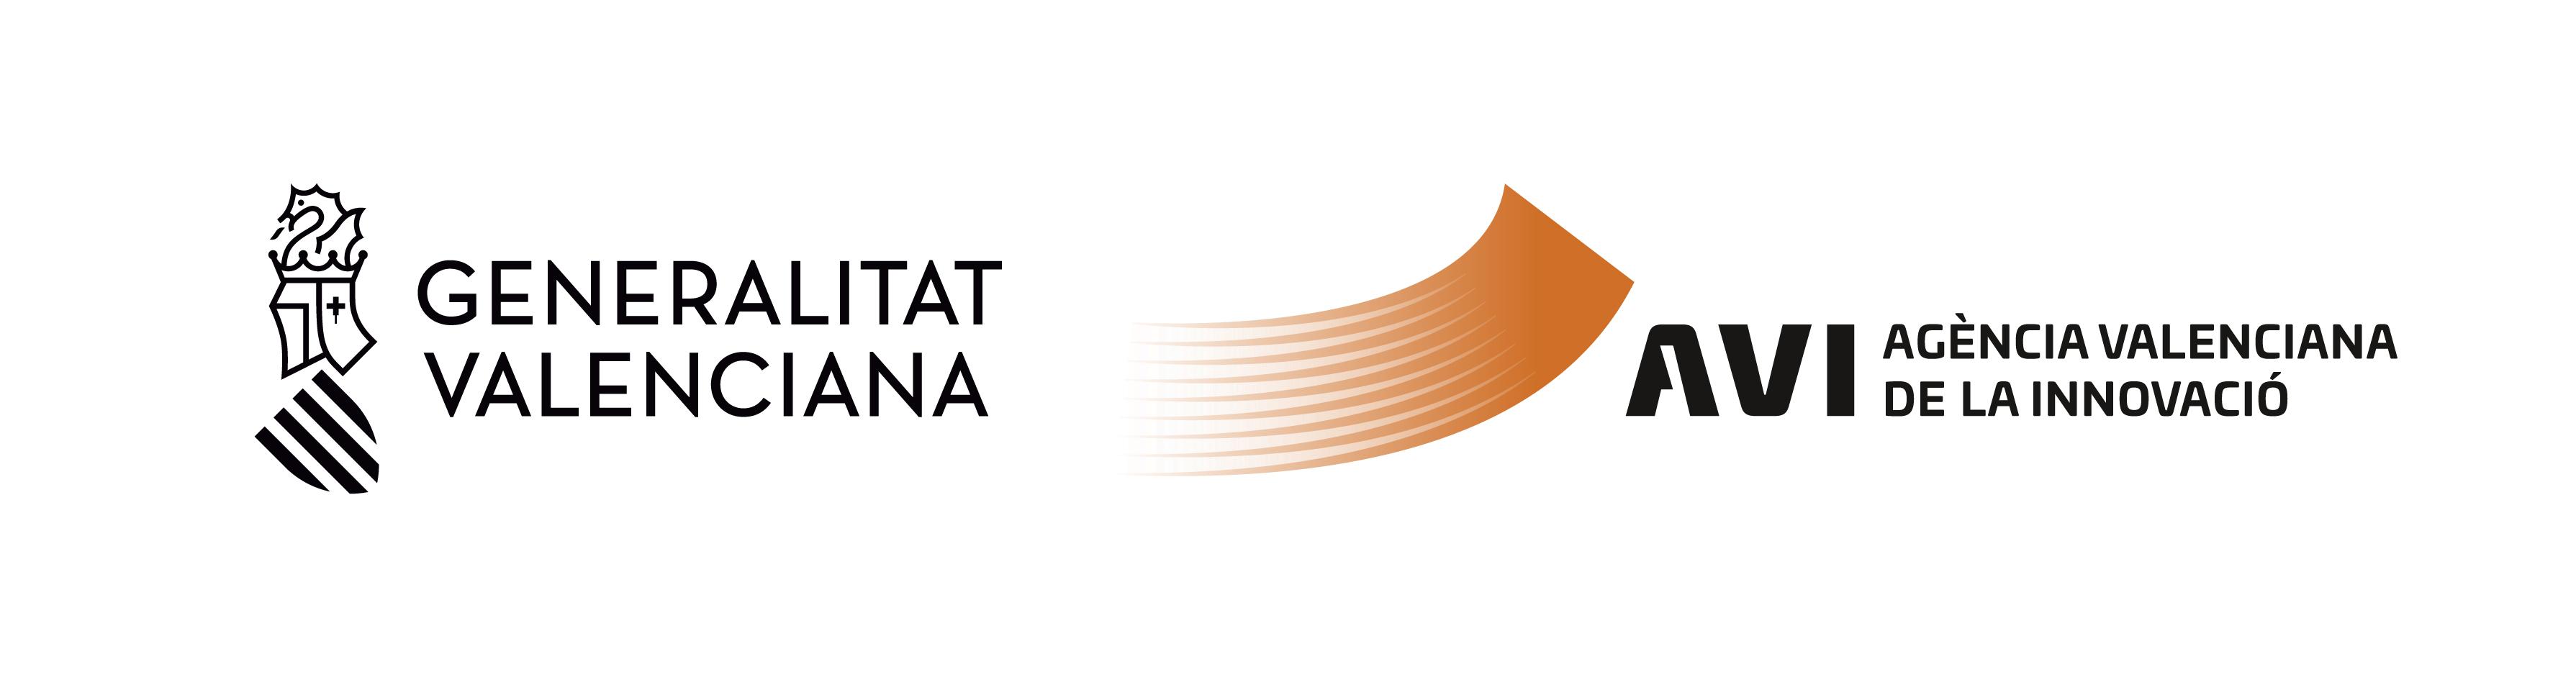 AVI (Agencia Valenciana Innoación)